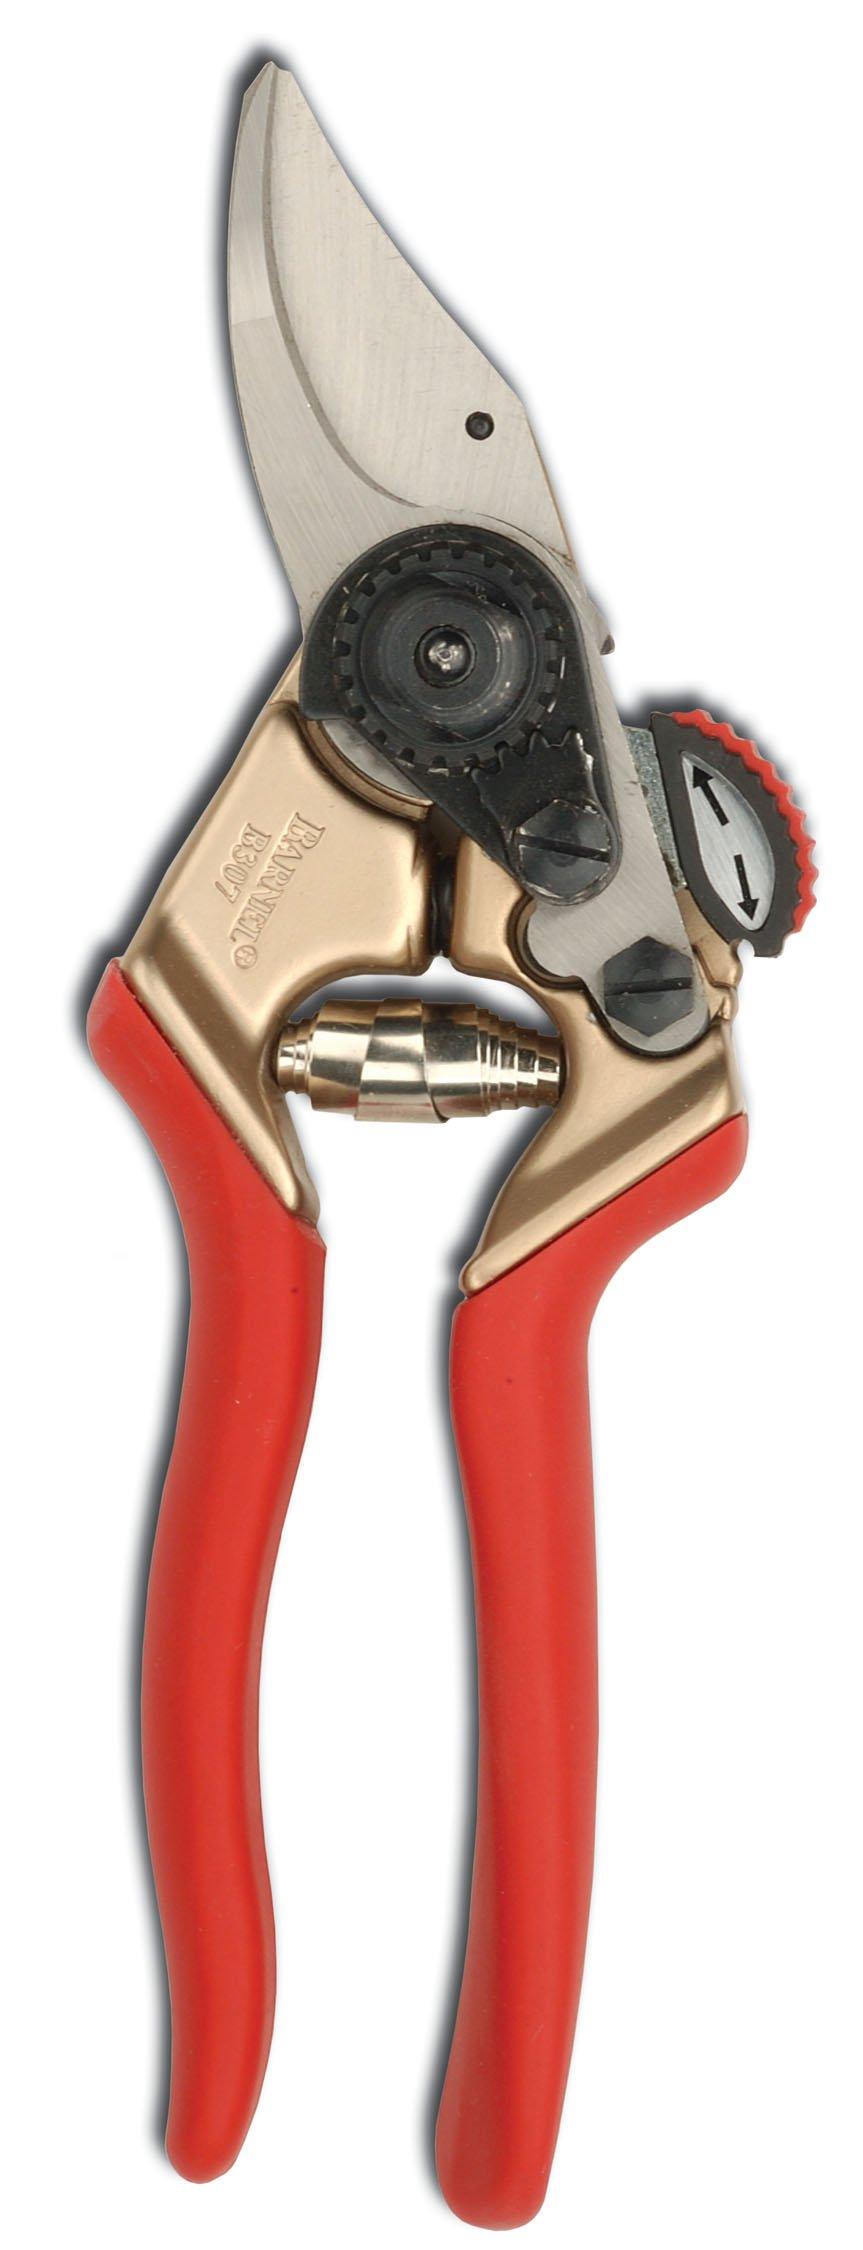 Barnel B307 7-Inch Ergonomic High Tech Bypass Garden Hand Pruner